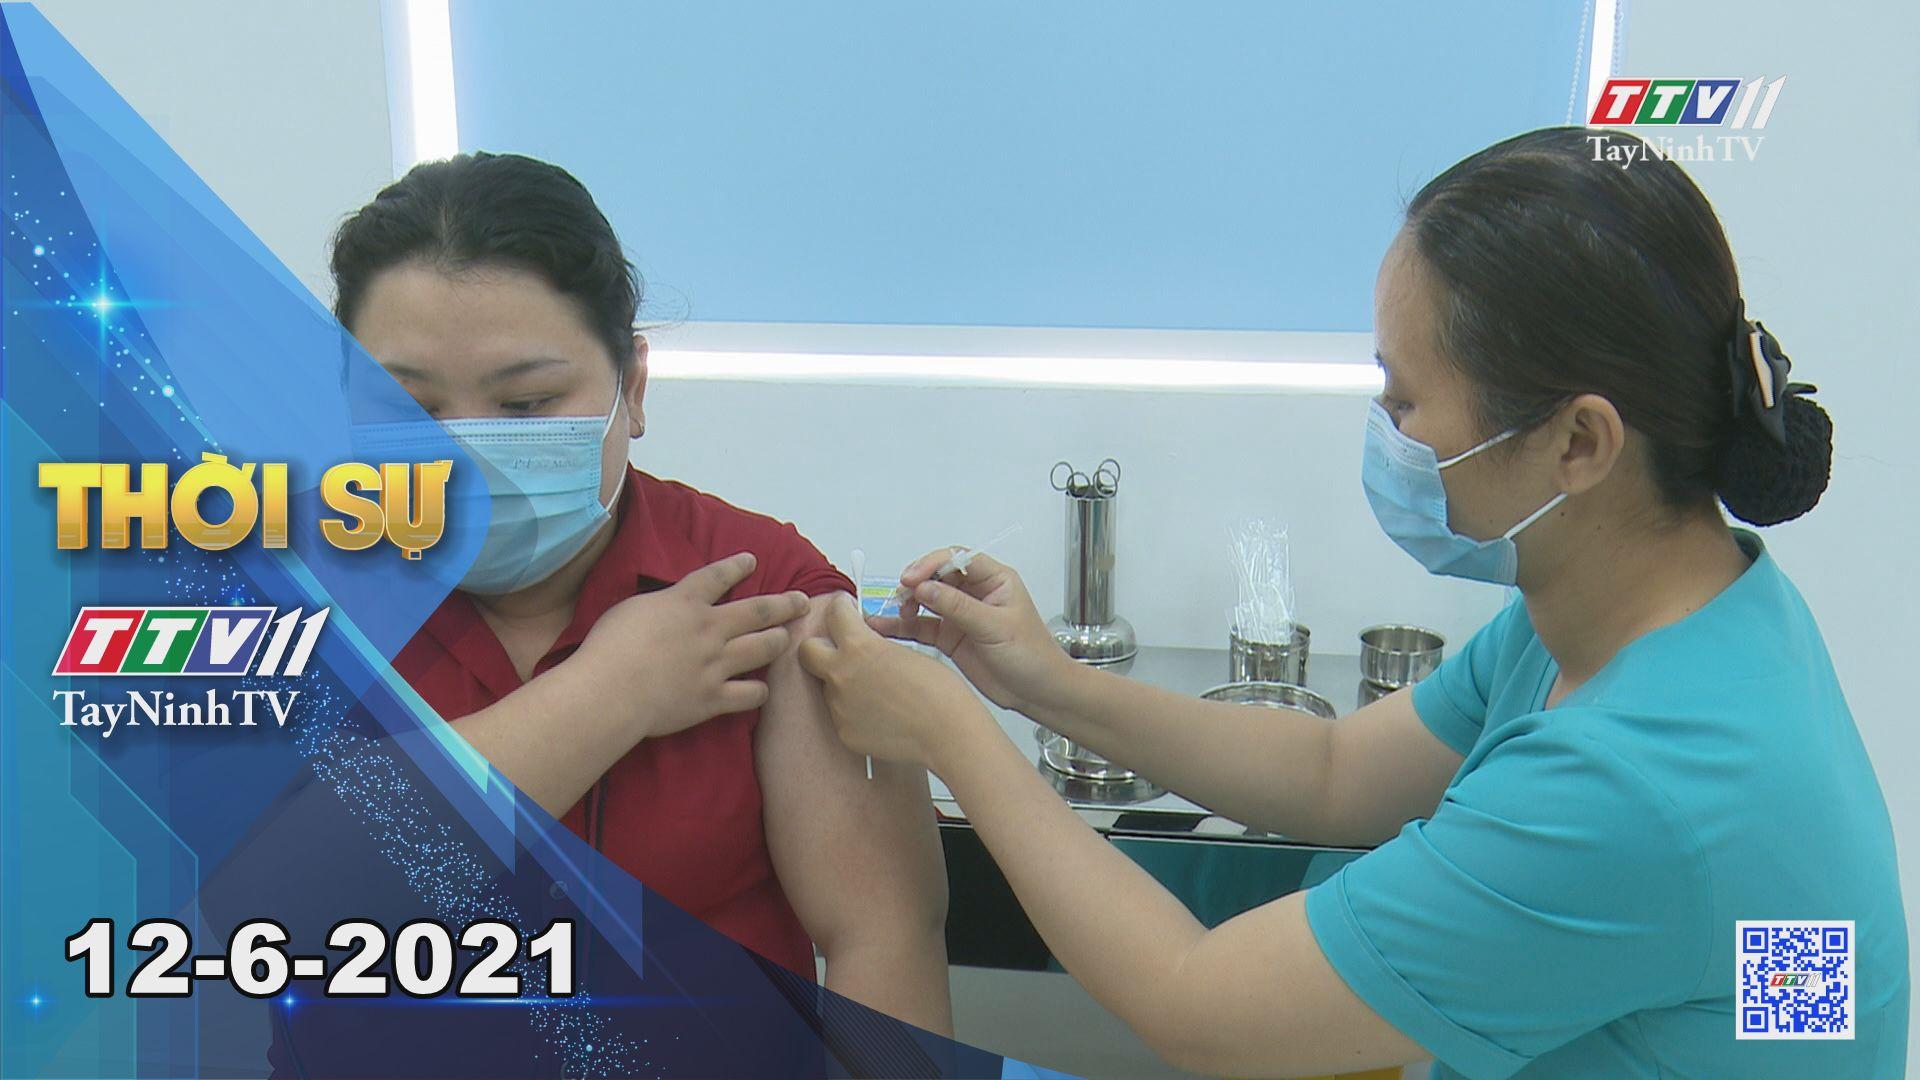 Thời sự Tây Ninh 12-6-2021 | Tin tức hôm nay | TayNinhTV